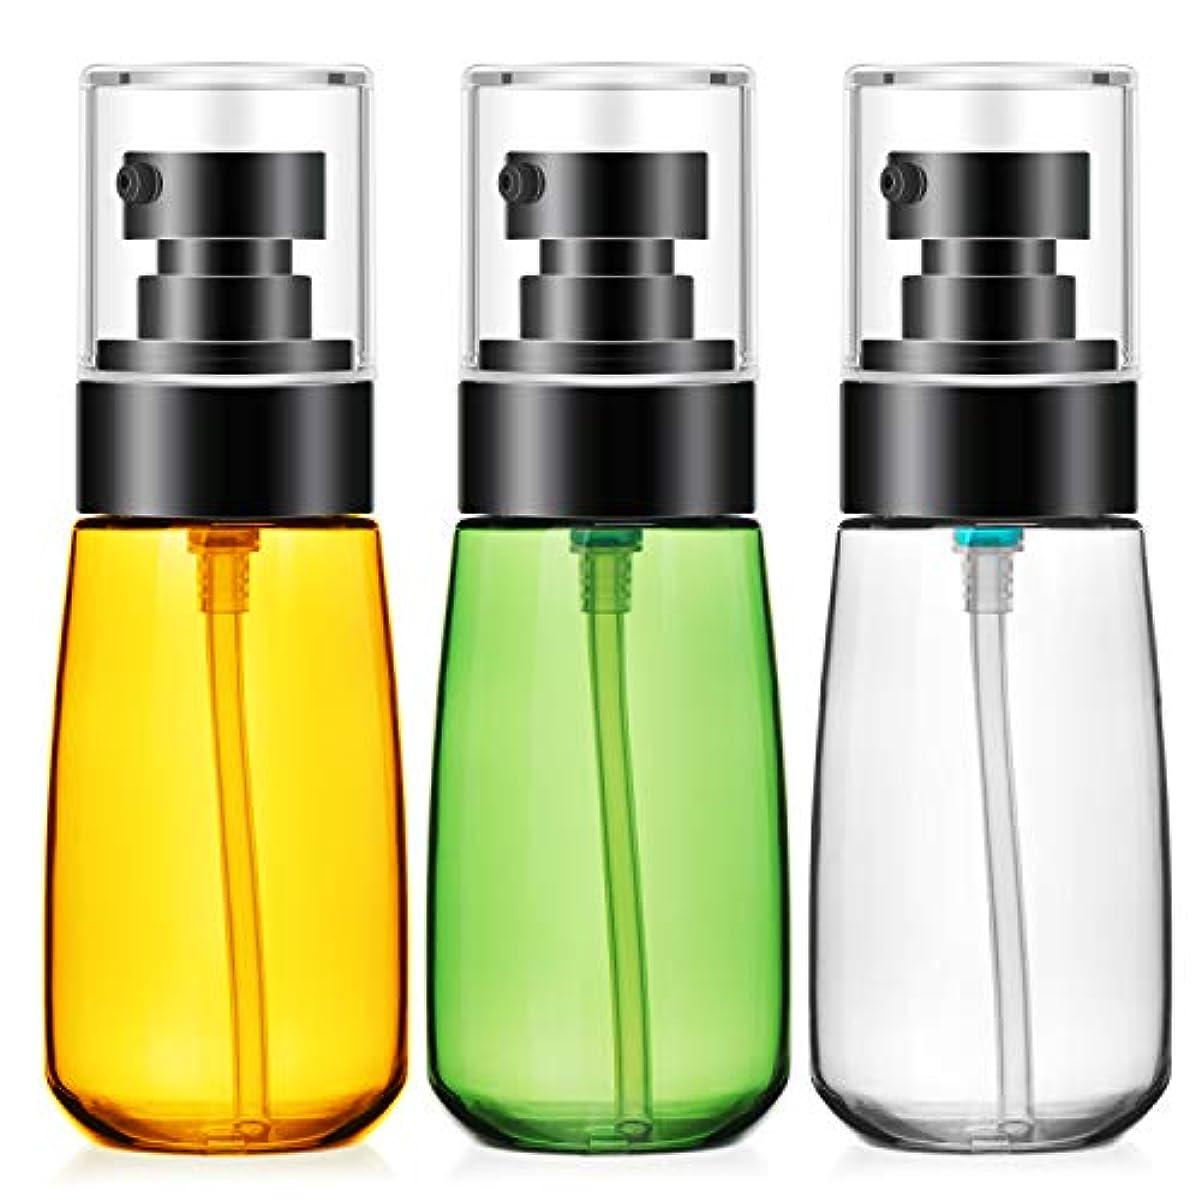 公園幻想バンガローSegbeauty 乳液小分けの詰替え容器 ボルト 60ml 三色 3本セット 分けやすい 持ちやすい 旅行用品 便利さ